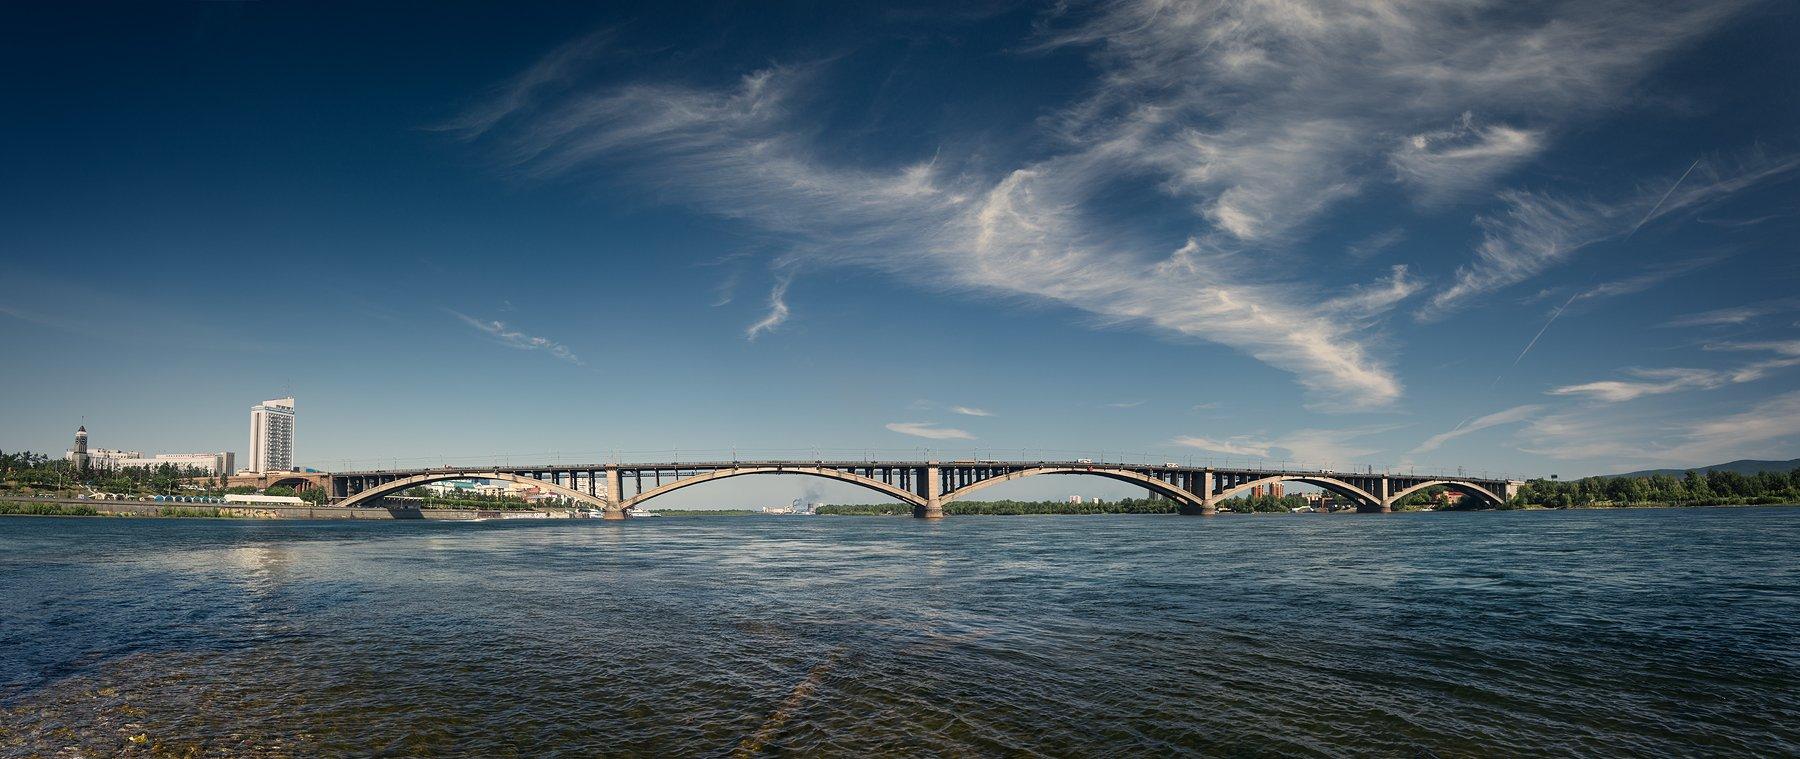 пейзаж, город, панорама, мост, река, енисей, красноярск, небо, облака, широкий, большой, Дмитрий Антипов